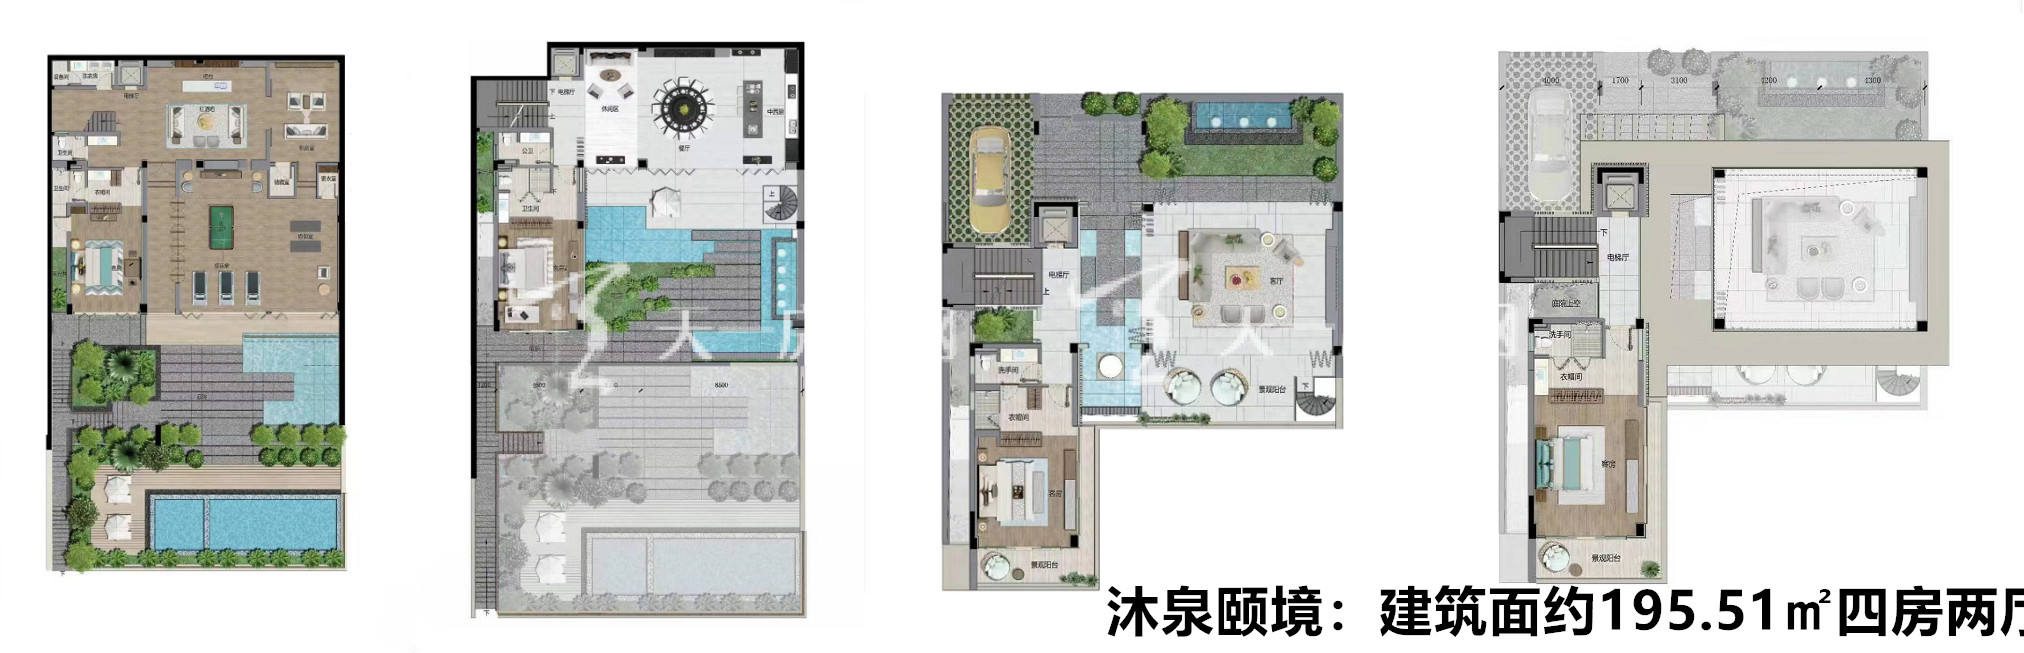 佳兆业海棠四季沐泉颐境户型:4室2厅1卫1厨 建筑面积195.51㎡